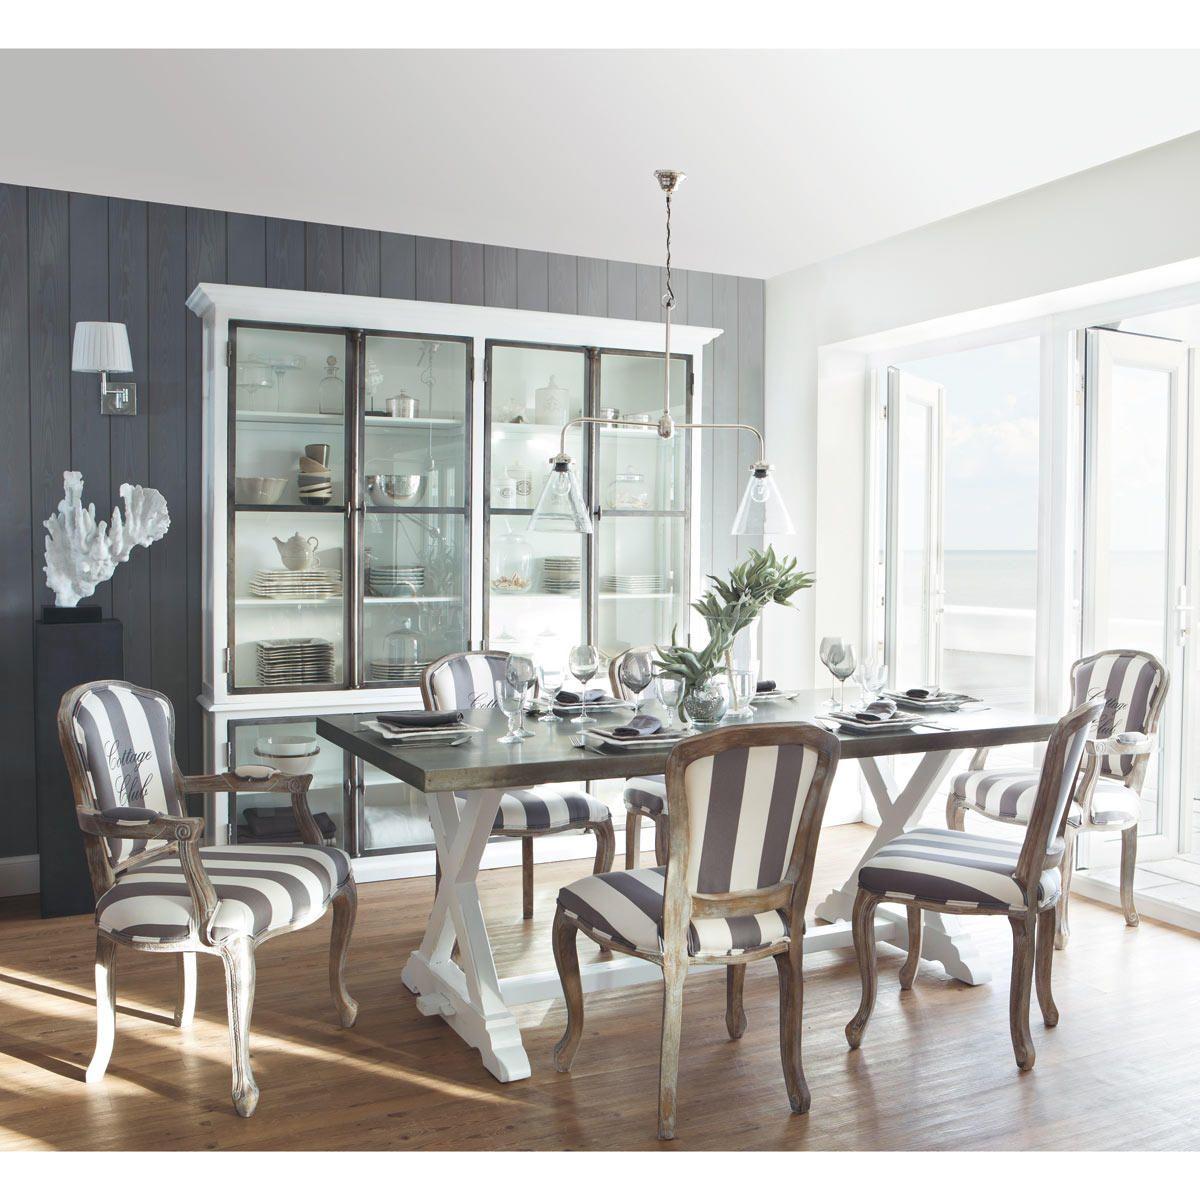 Witte servieskast vitrinas y gabinetes pinterest for Casa blanca muebles y decoracion